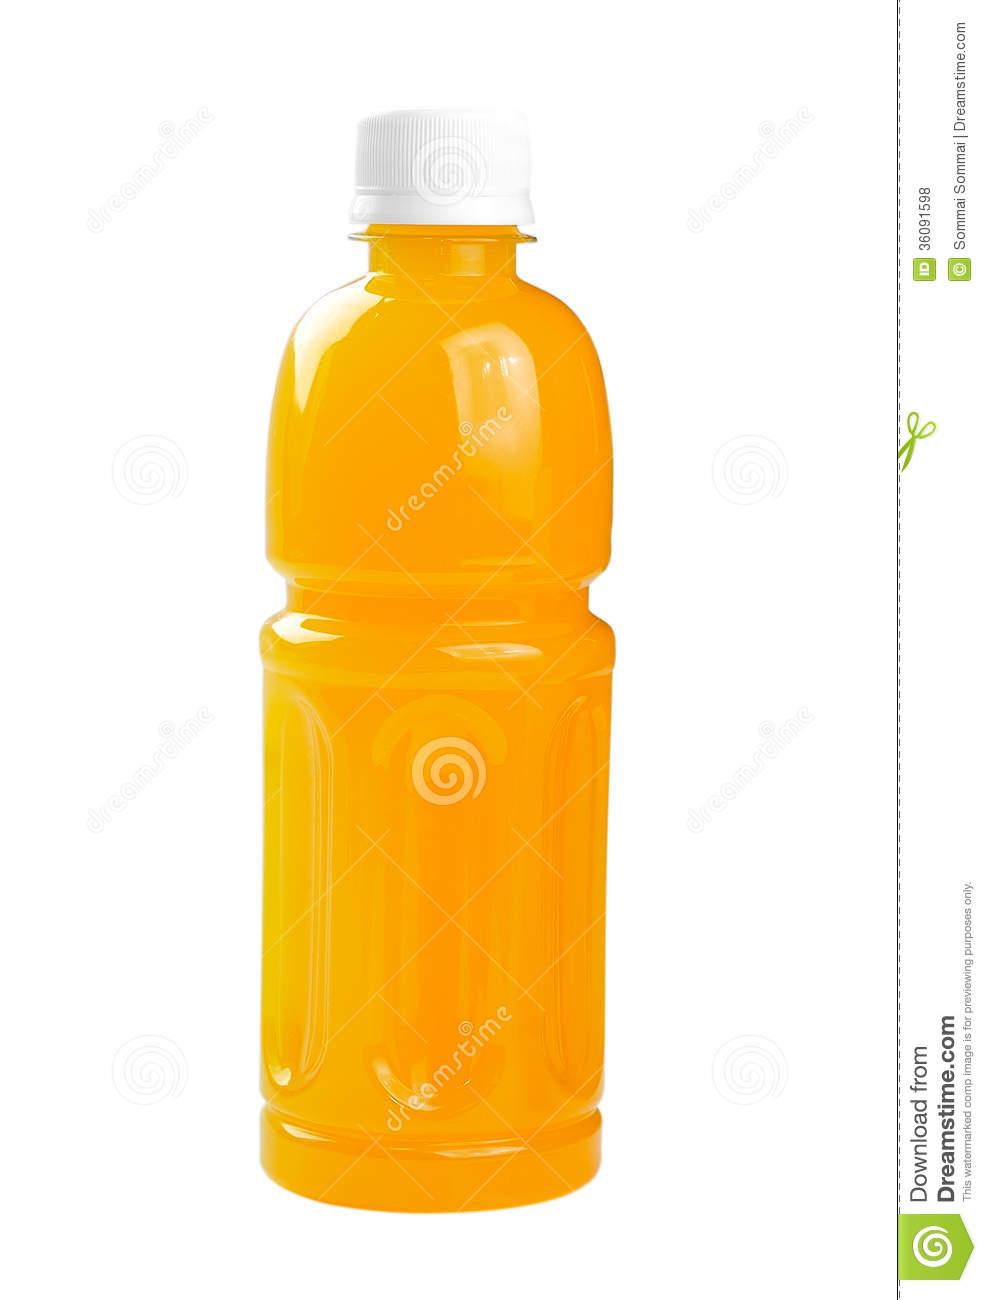 Plastic clipart juice bottle Clipart Orange (71+) plastic juice